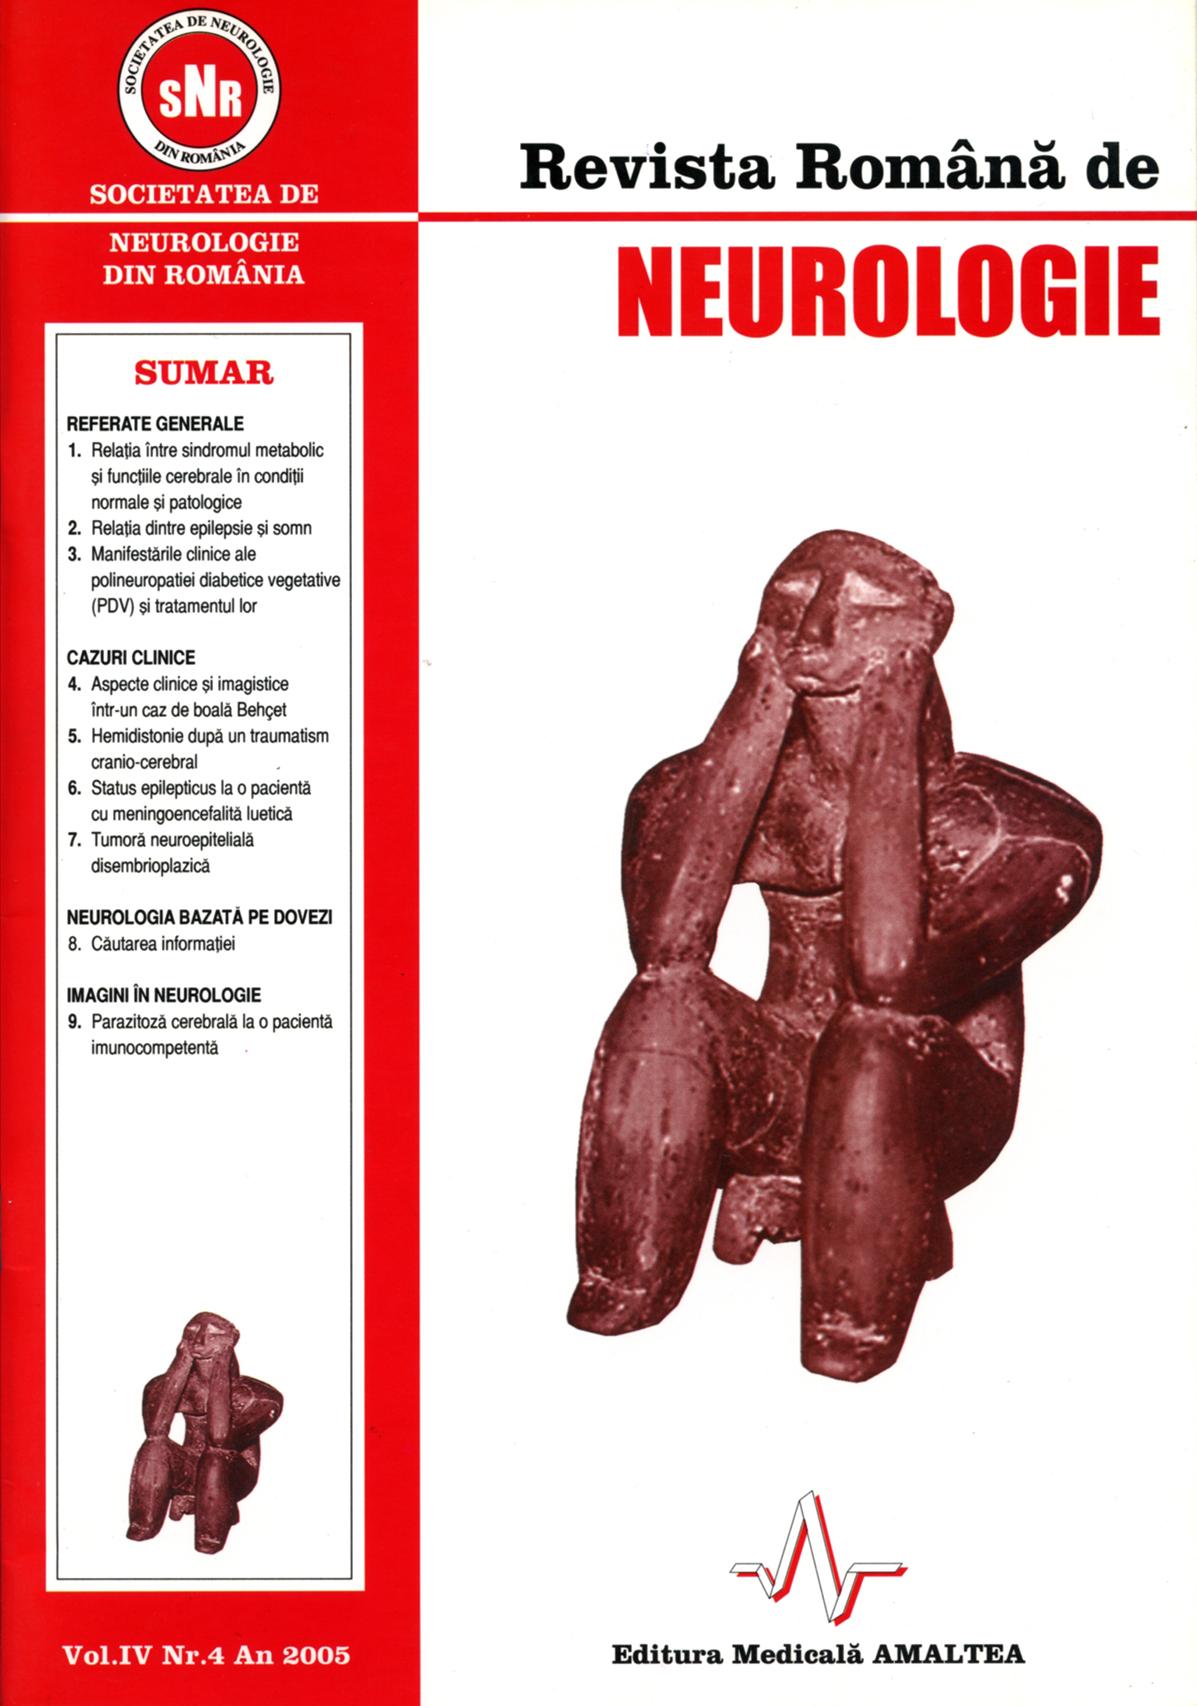 Romanian Journal of Neurology, Volume IV, No. 4, 2005